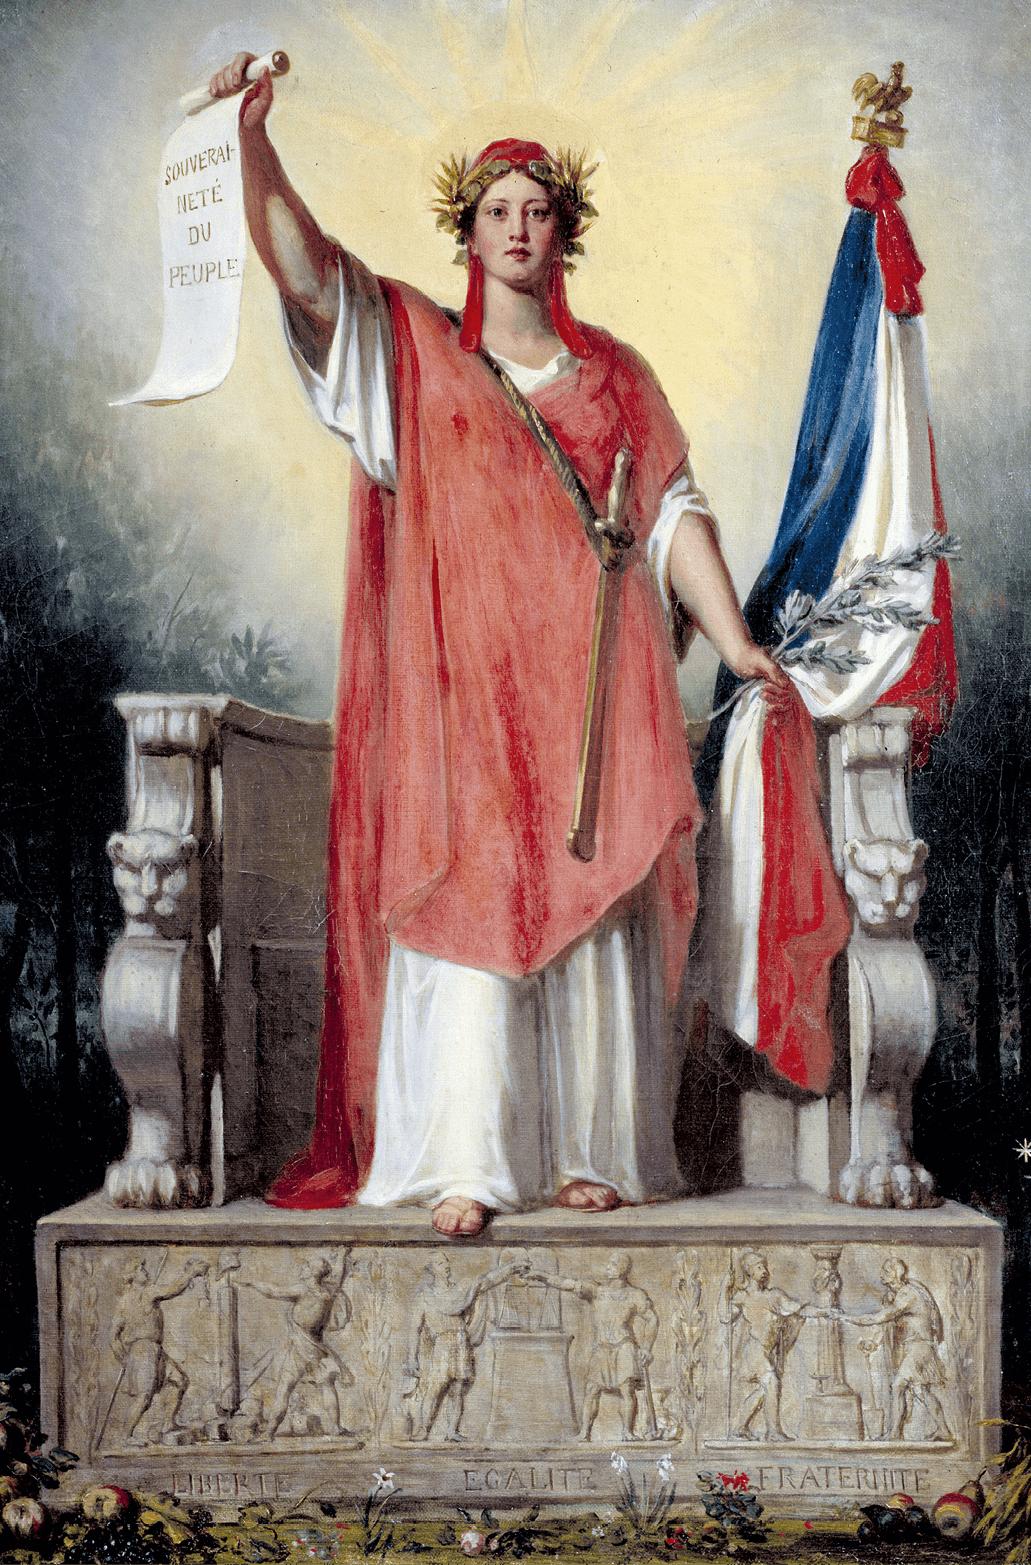 Sébastien Cornu, Allégorie de la République